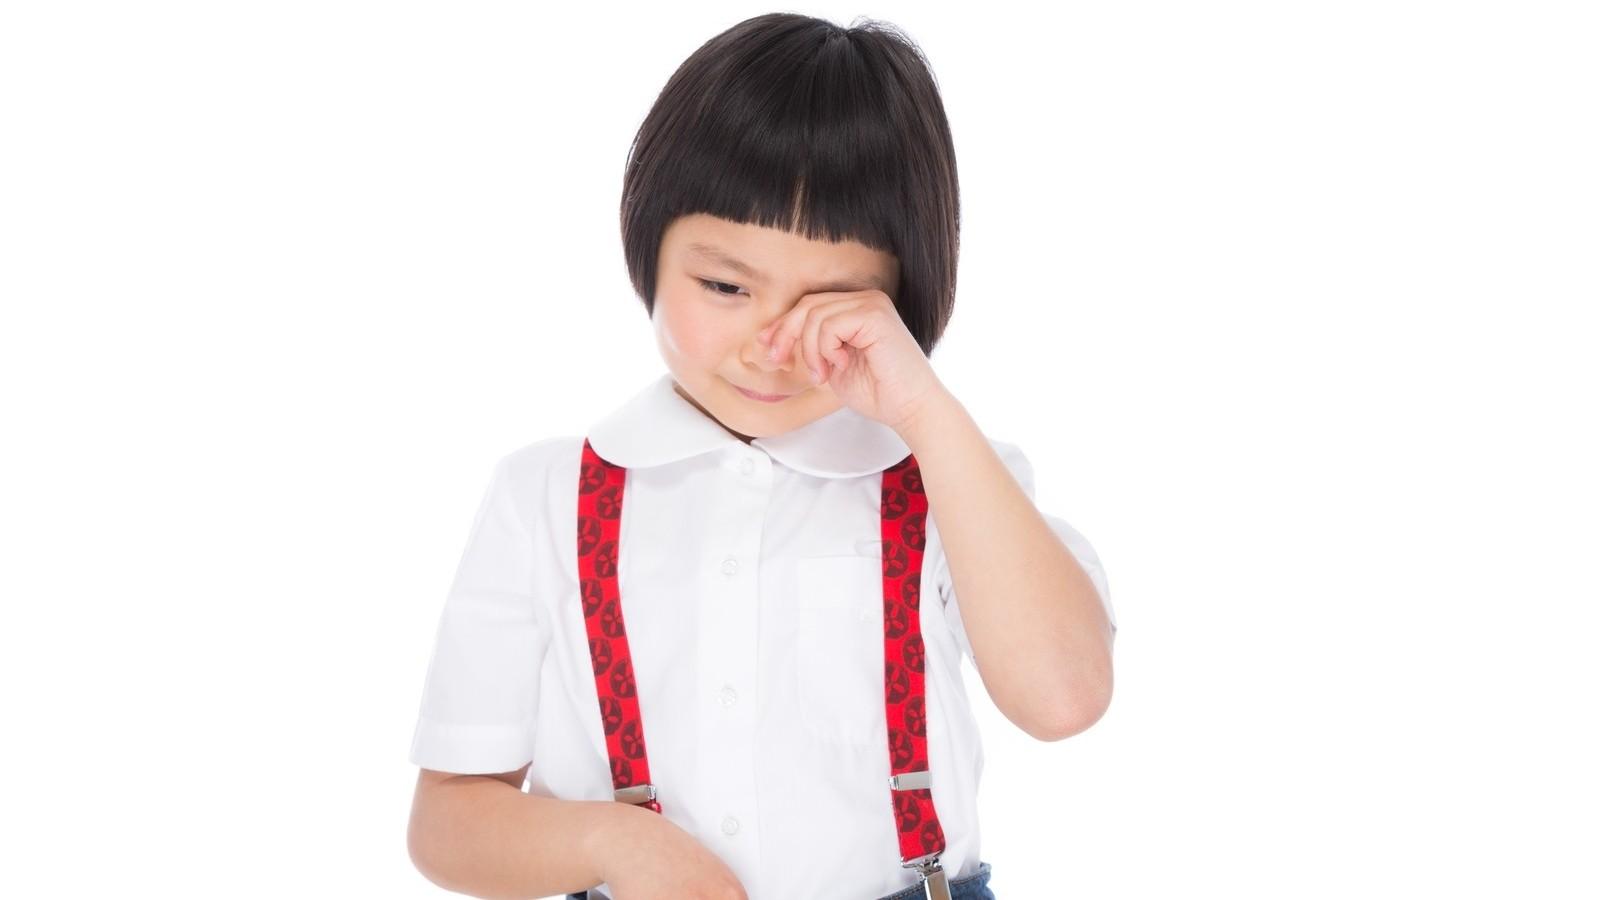 ▲▼小孩。(圖/取自免費圖庫Pakutaso)